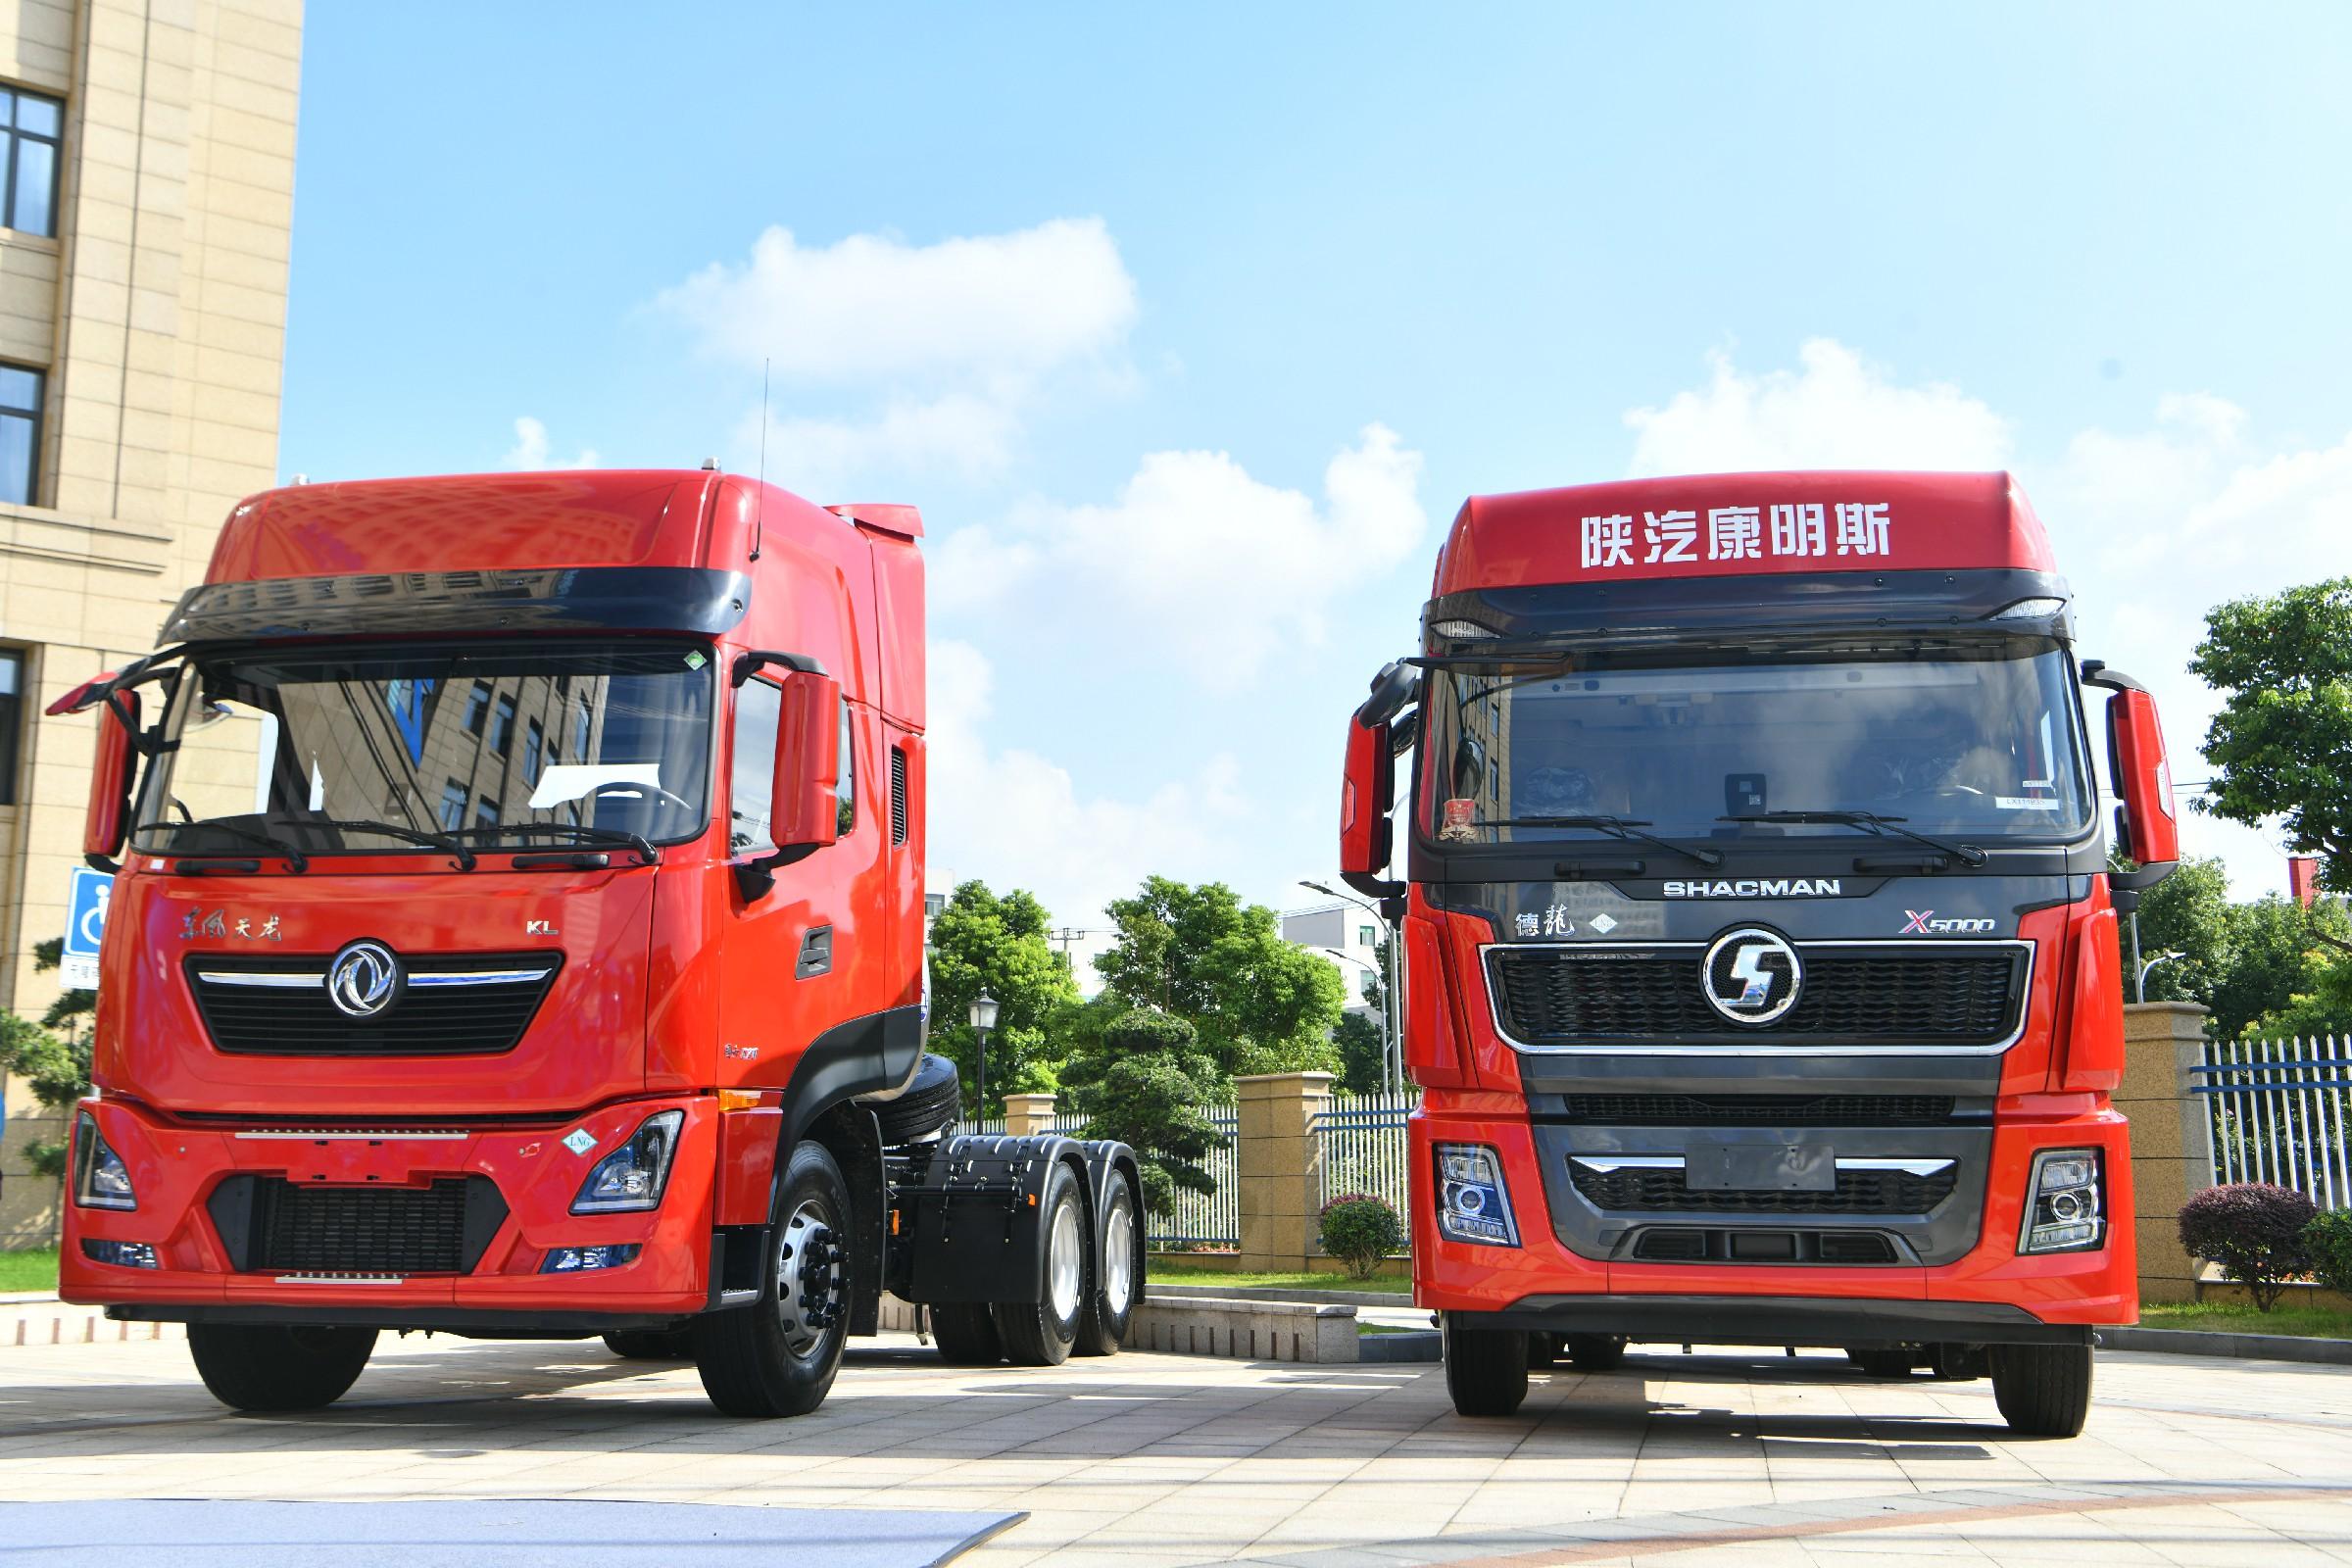 红-搭载康明斯国六天然气产品的车辆